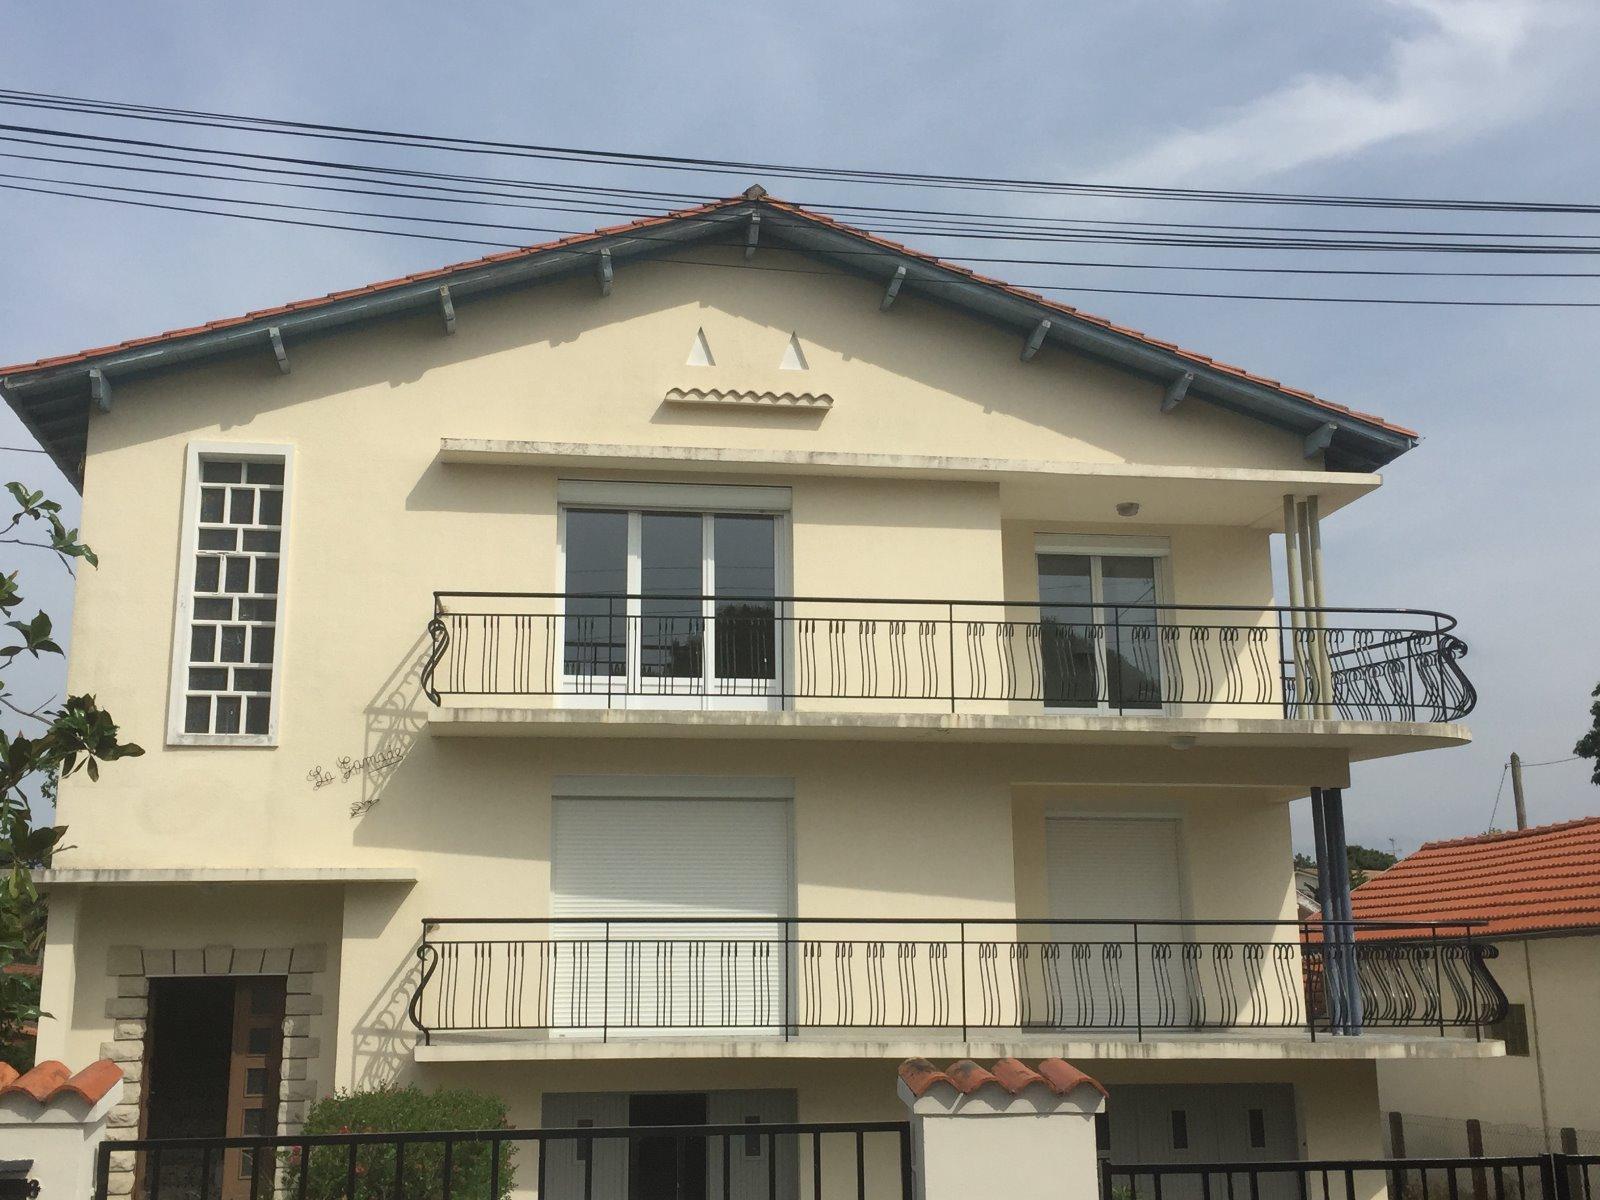 Location maison arcachon 33120 80m avec 4 pi ce s for Arcachon location maison